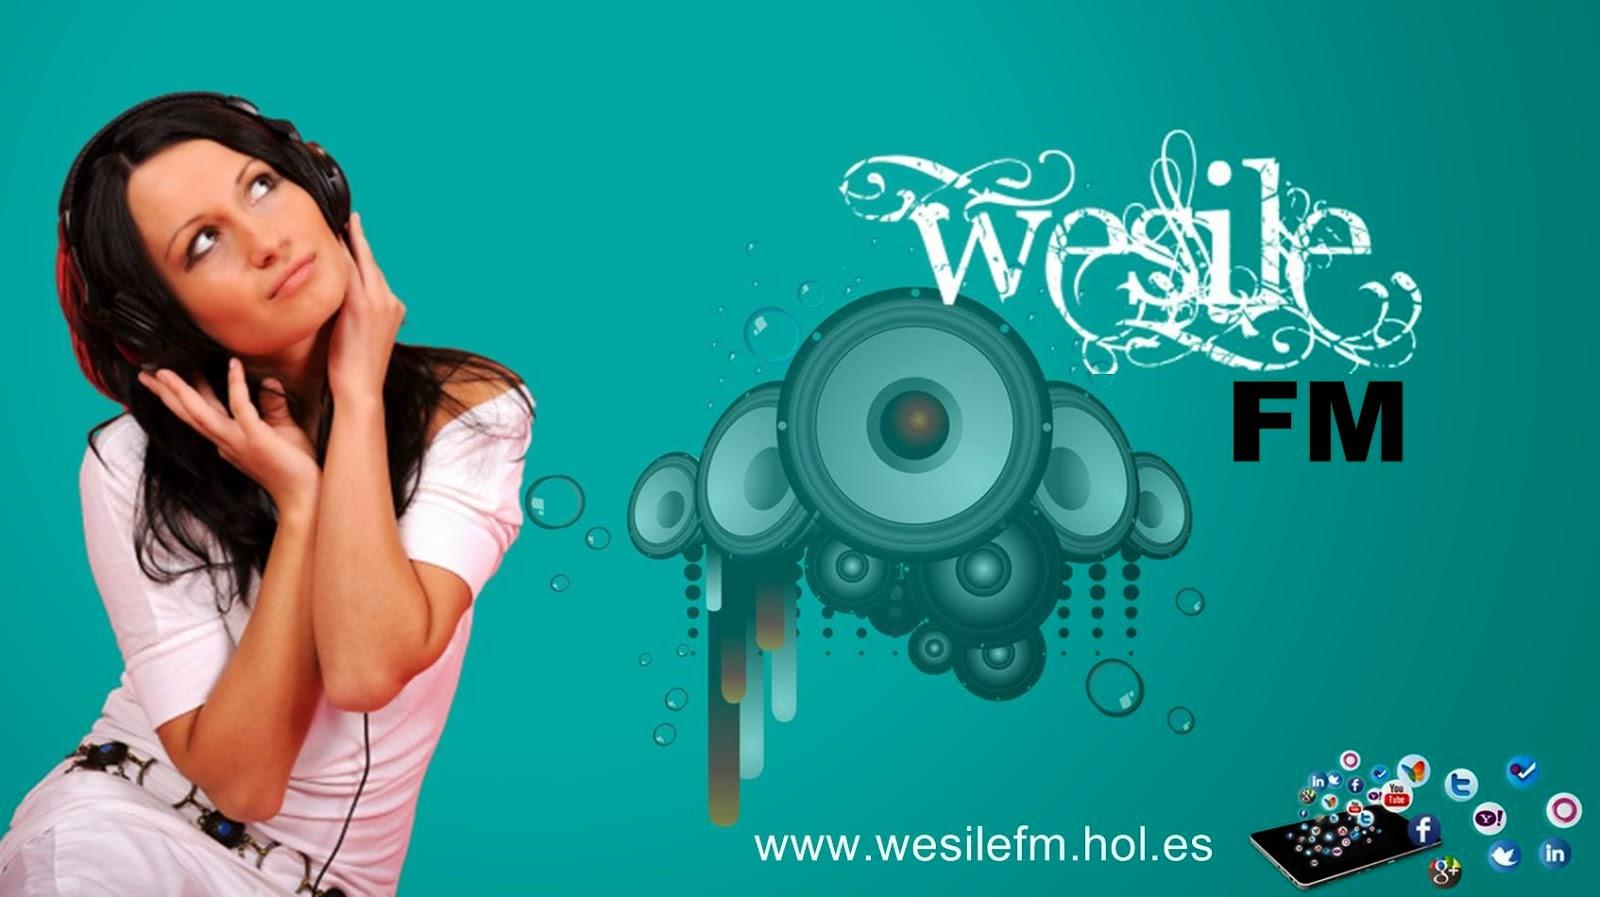 WESILE FM